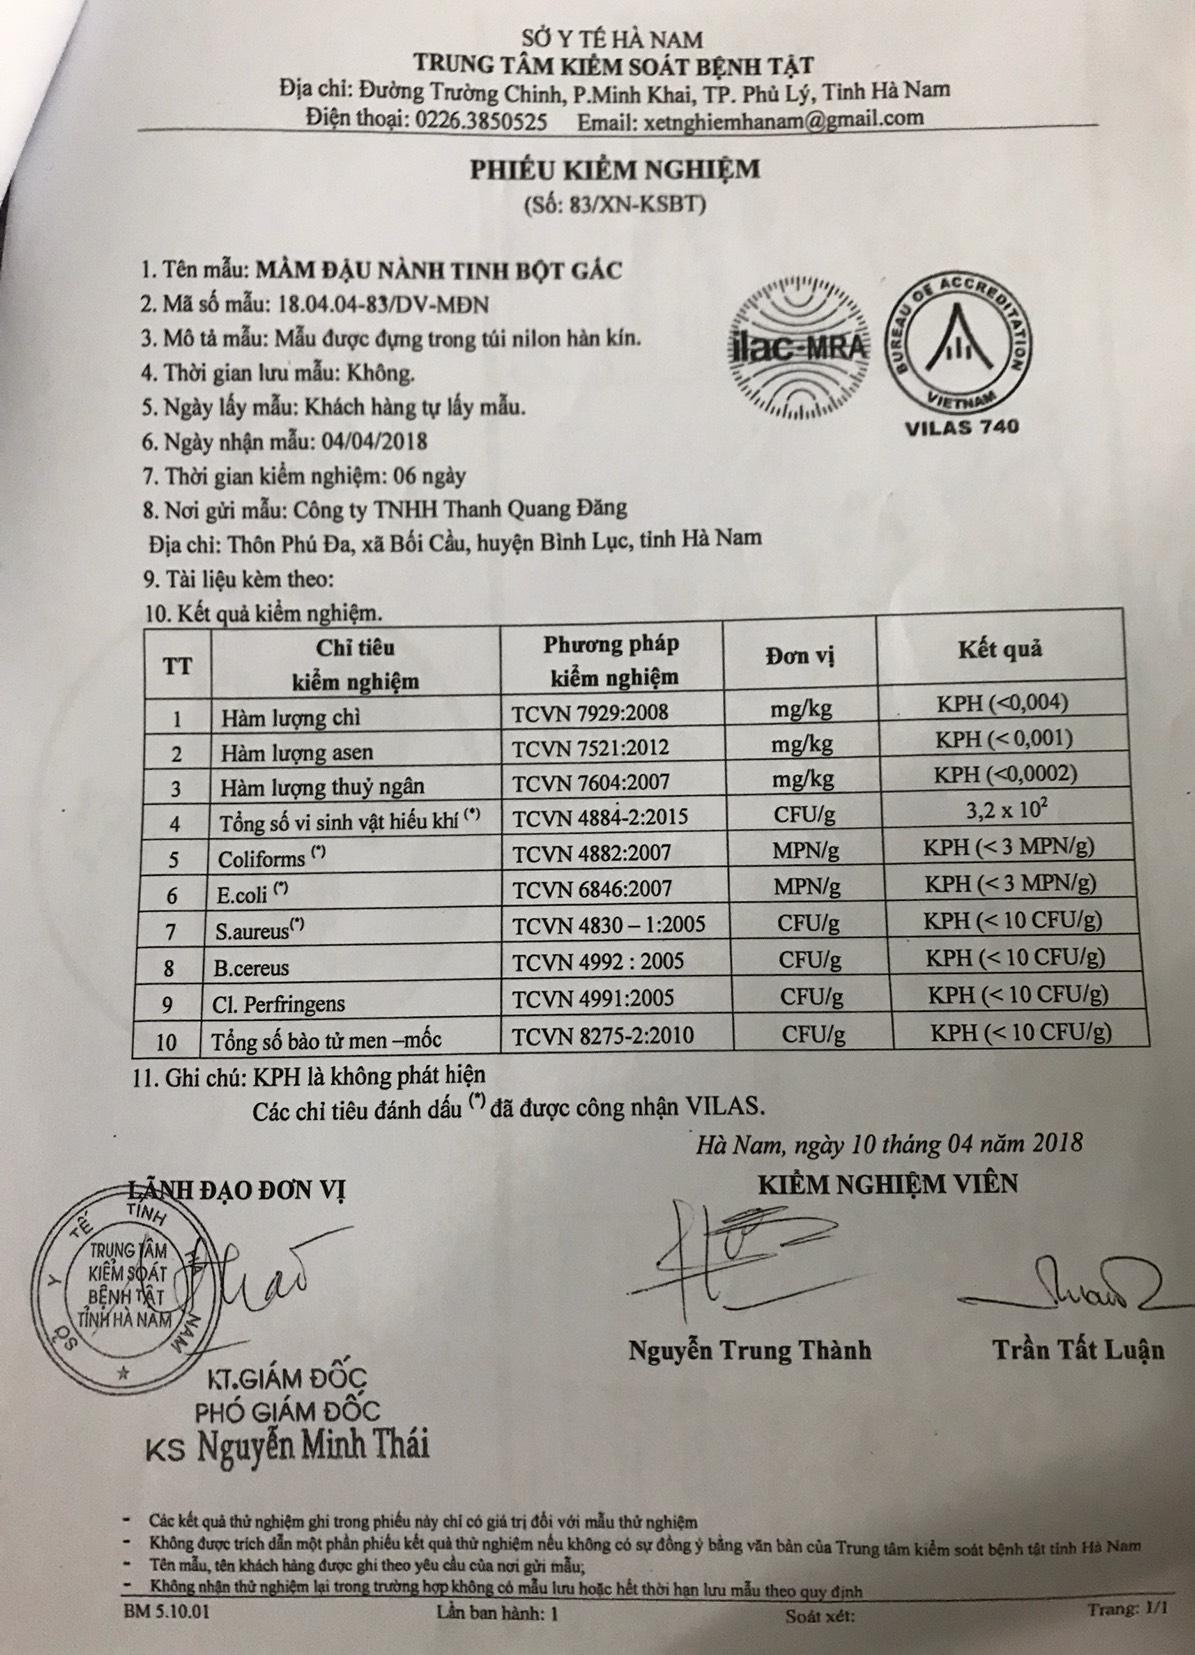 Công ty TNHH Thanh Quang Đăng chỉ gửi duy nhất phiếu kiểm nghiệm Mần đầu nành tinh bột gấc cho Chi cục An toàn vệ sinh Thực phẩm tỉnh Hà Nam